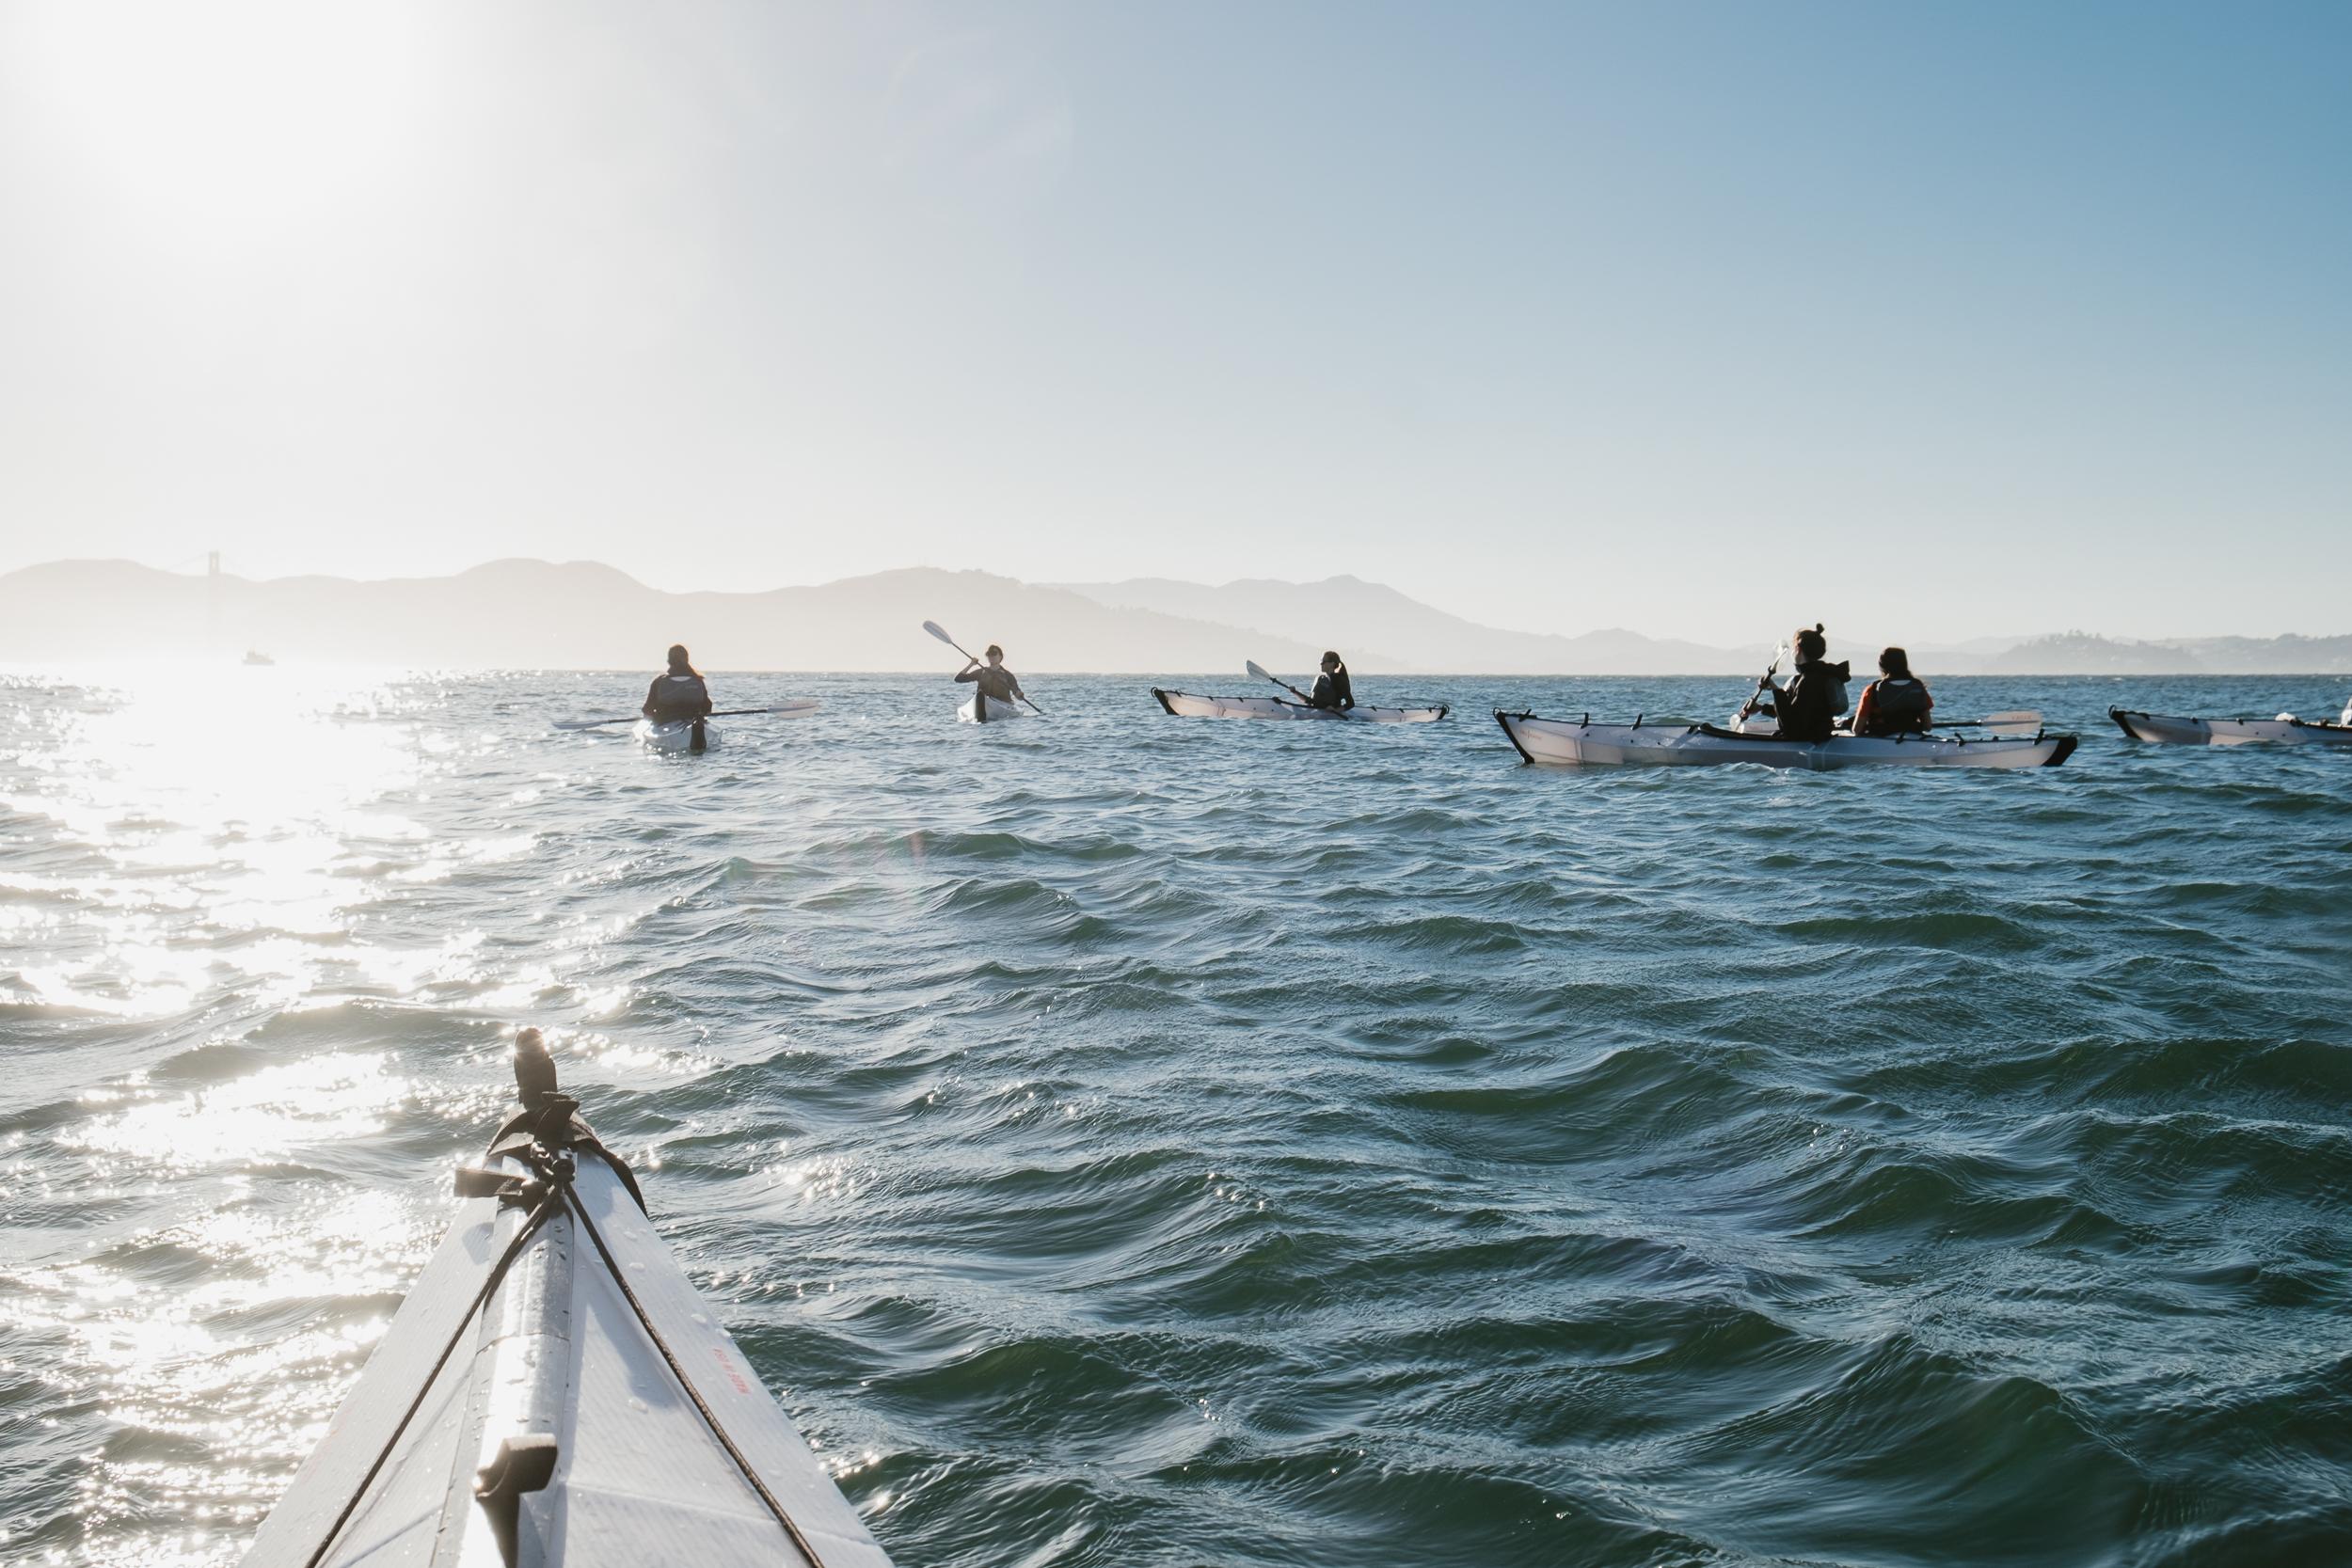 oru-kayak-she-explores-vivianchen-0023.jpg